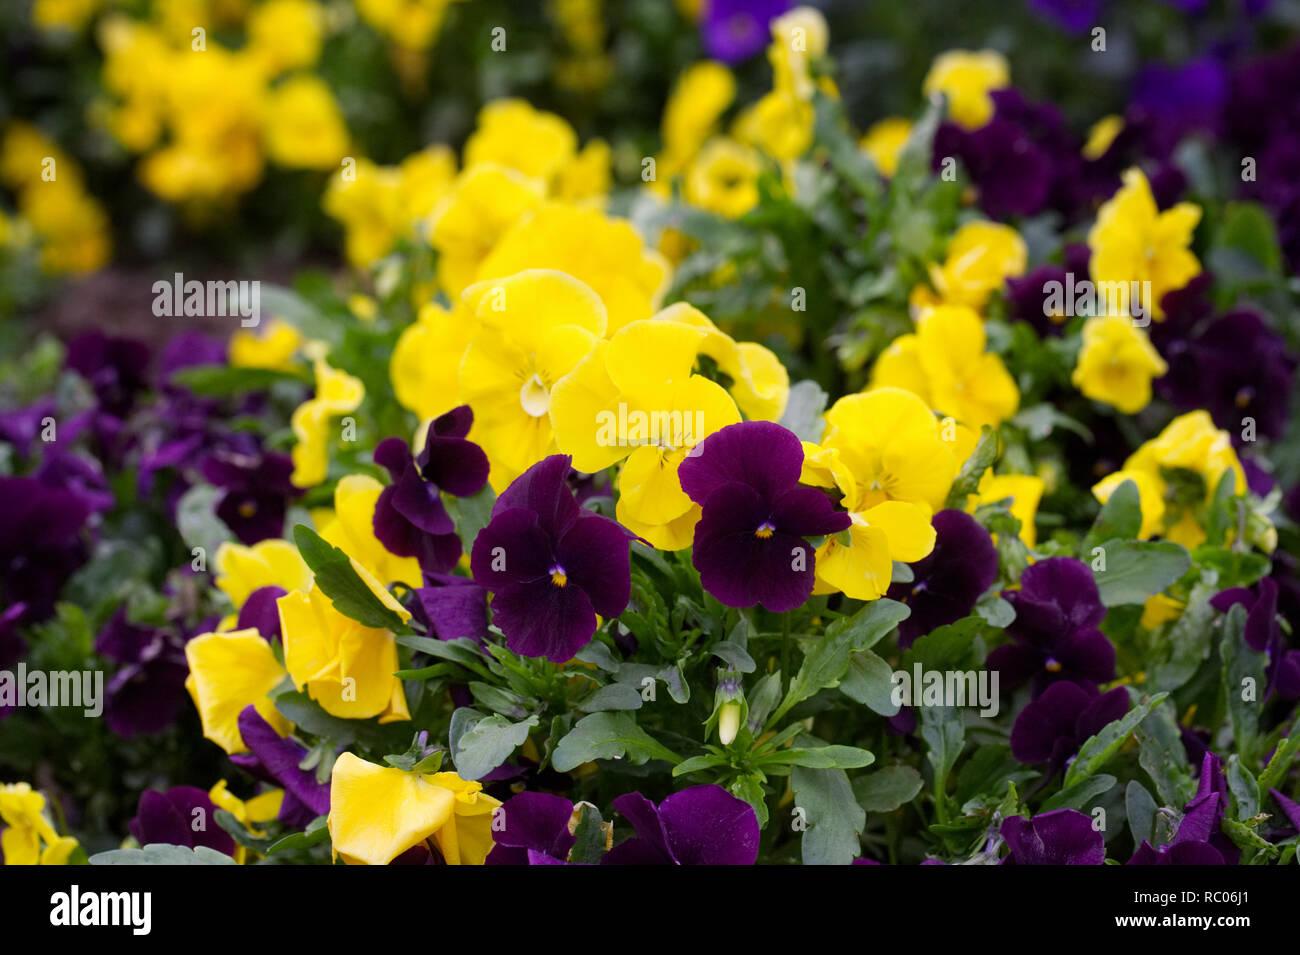 Viola x wittrockiana  flowers. - Stock Image